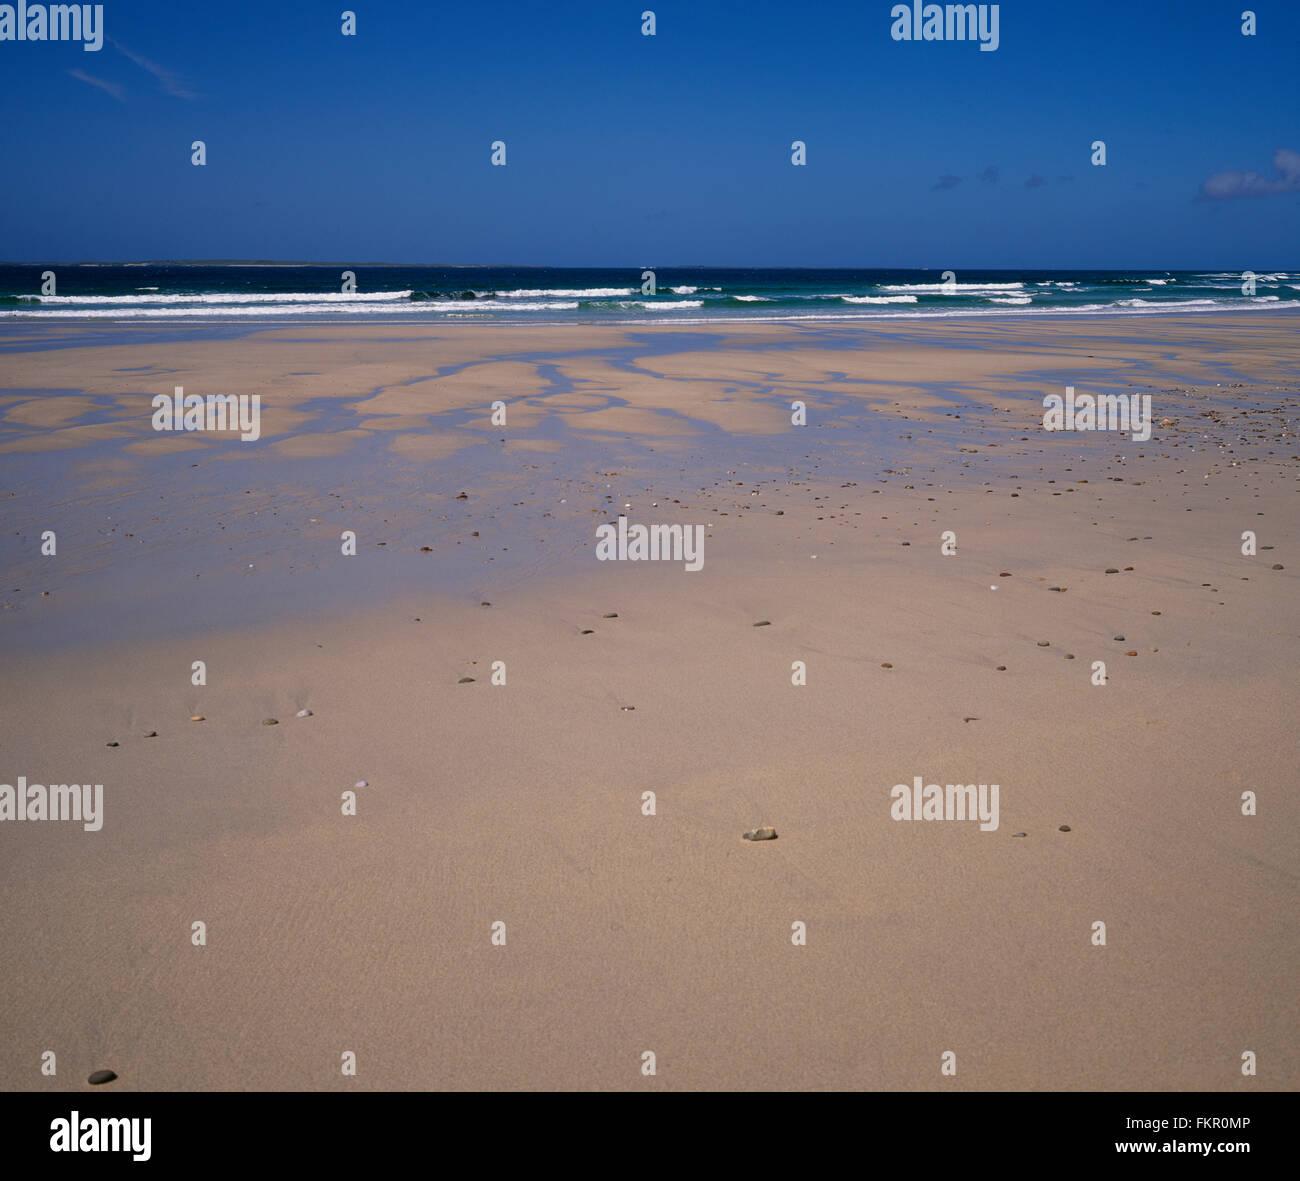 Sandy beach, blue sky, Belmullet, Co Mayo, West Coast of Ireland, Ireland - Stock Image